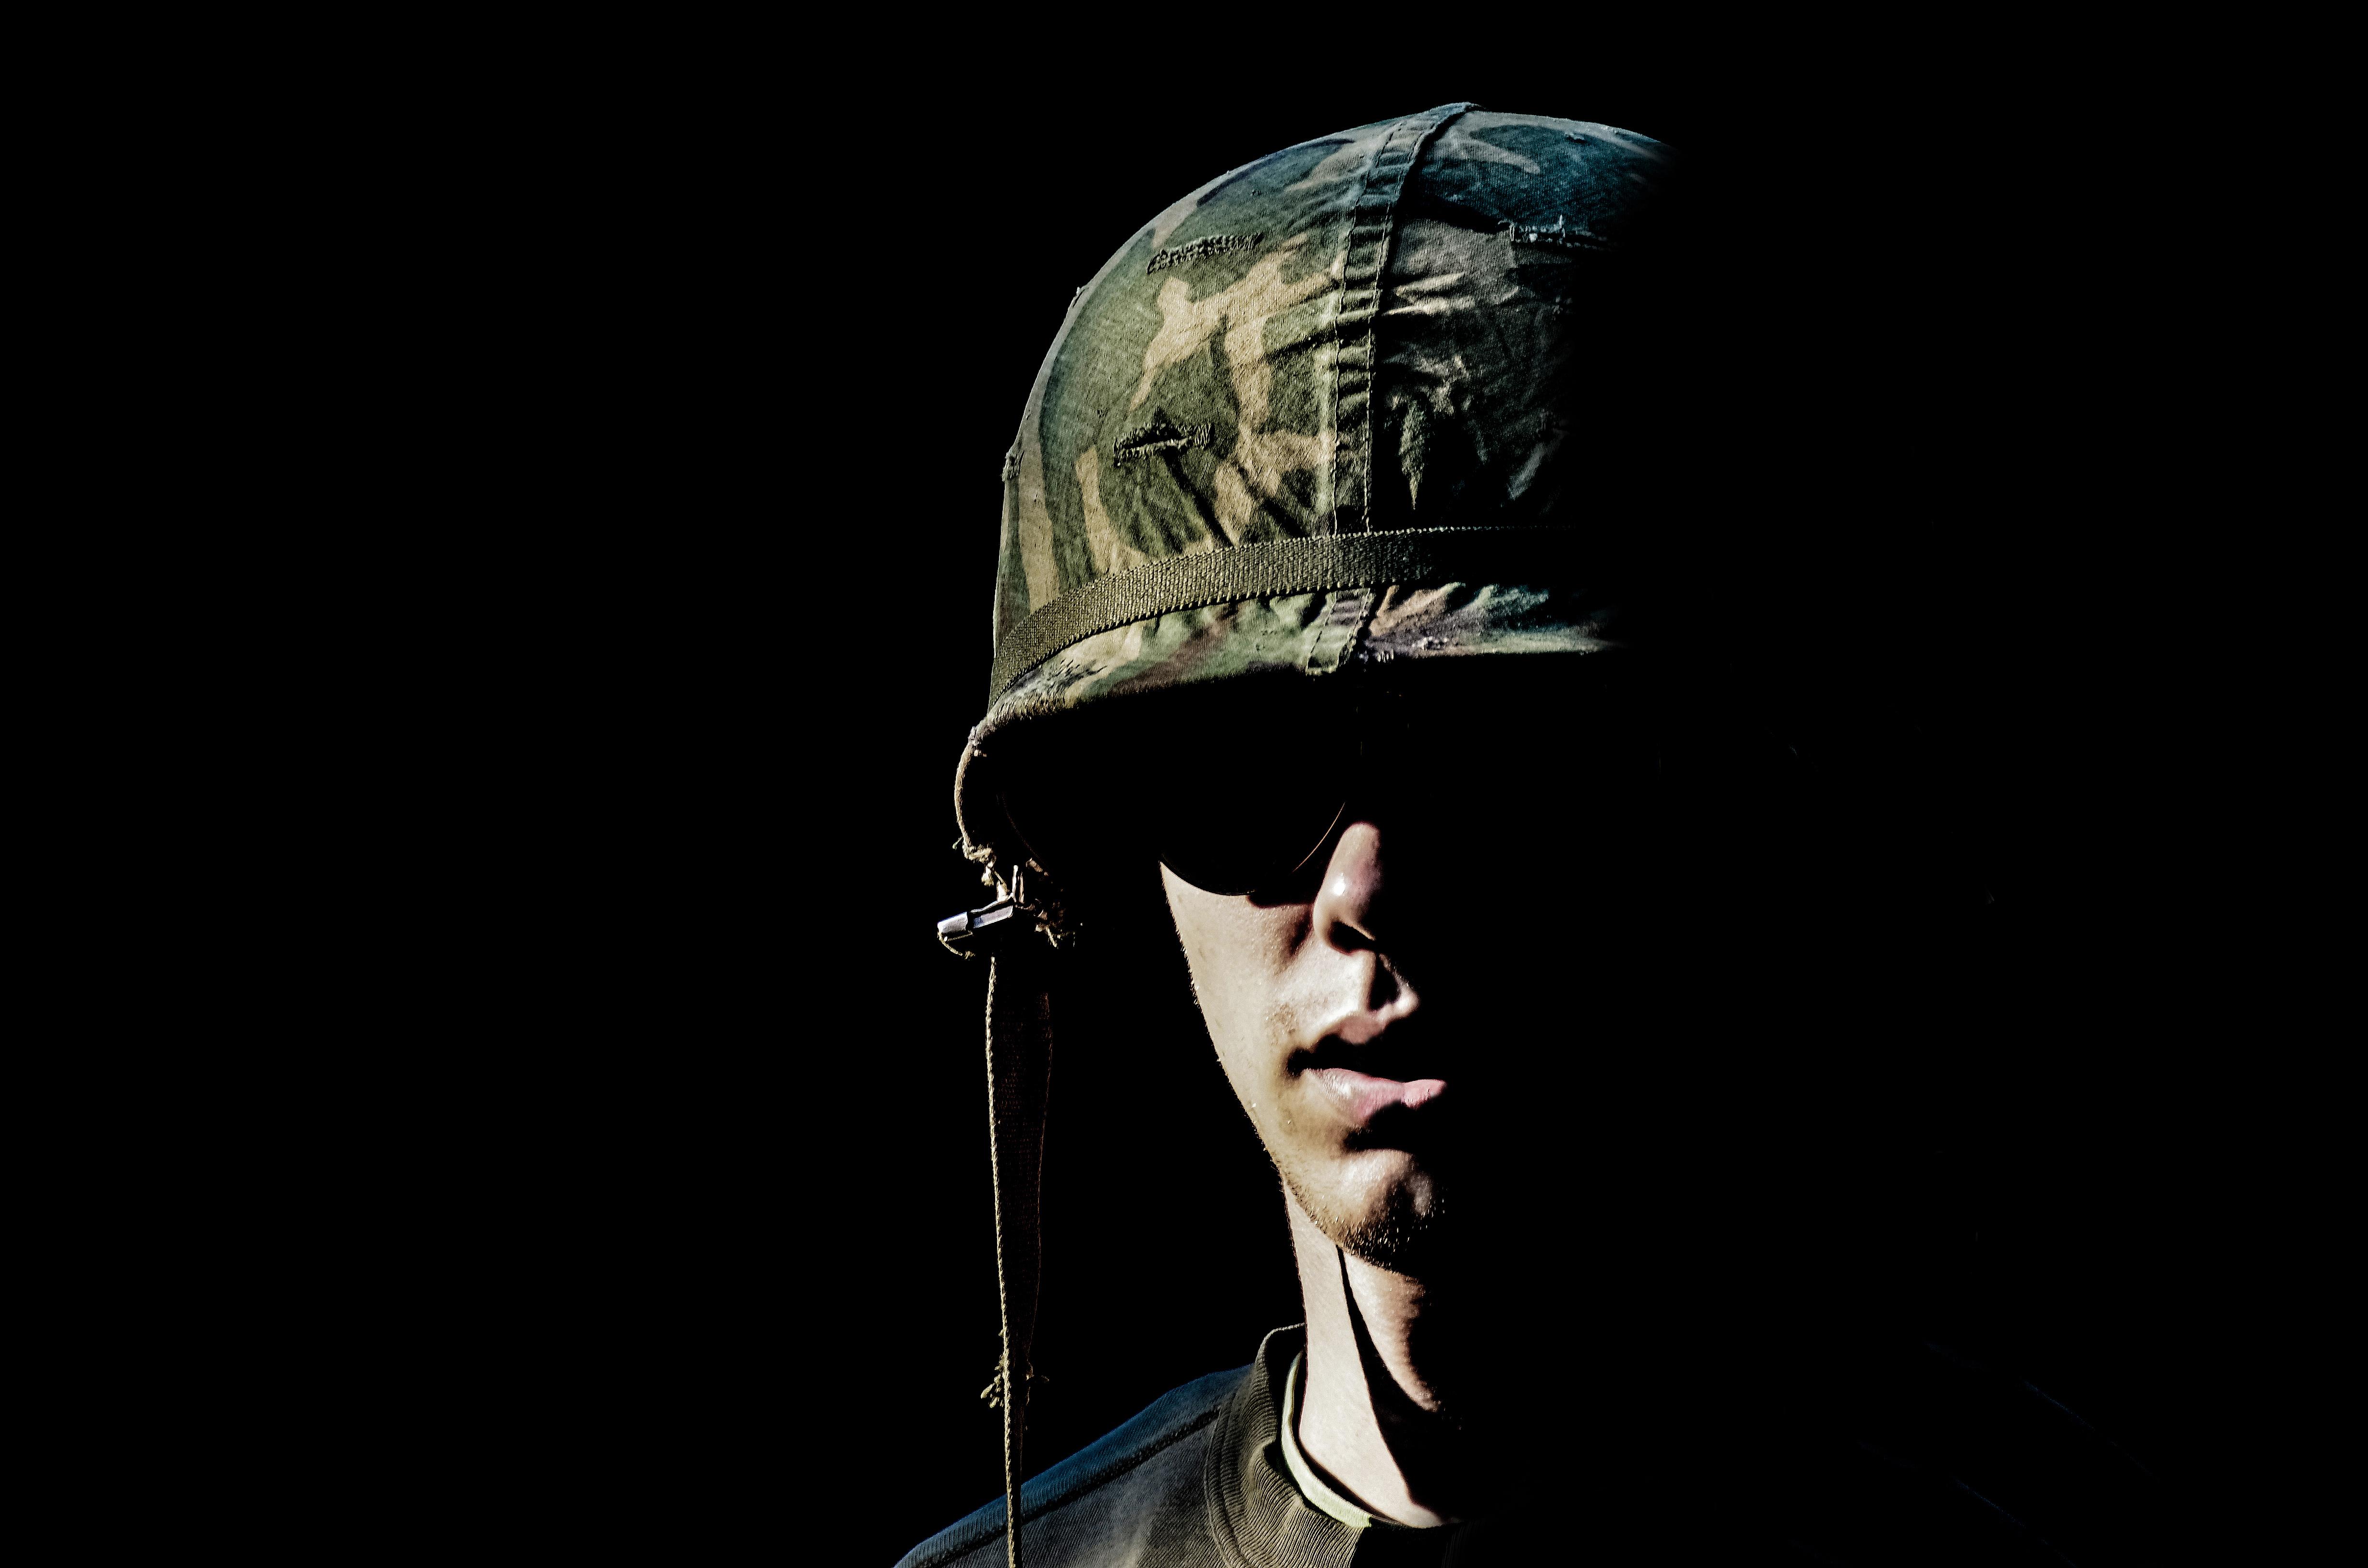 Het militair invaliditeitspensioen. Hoe zit dat eigenlijk?